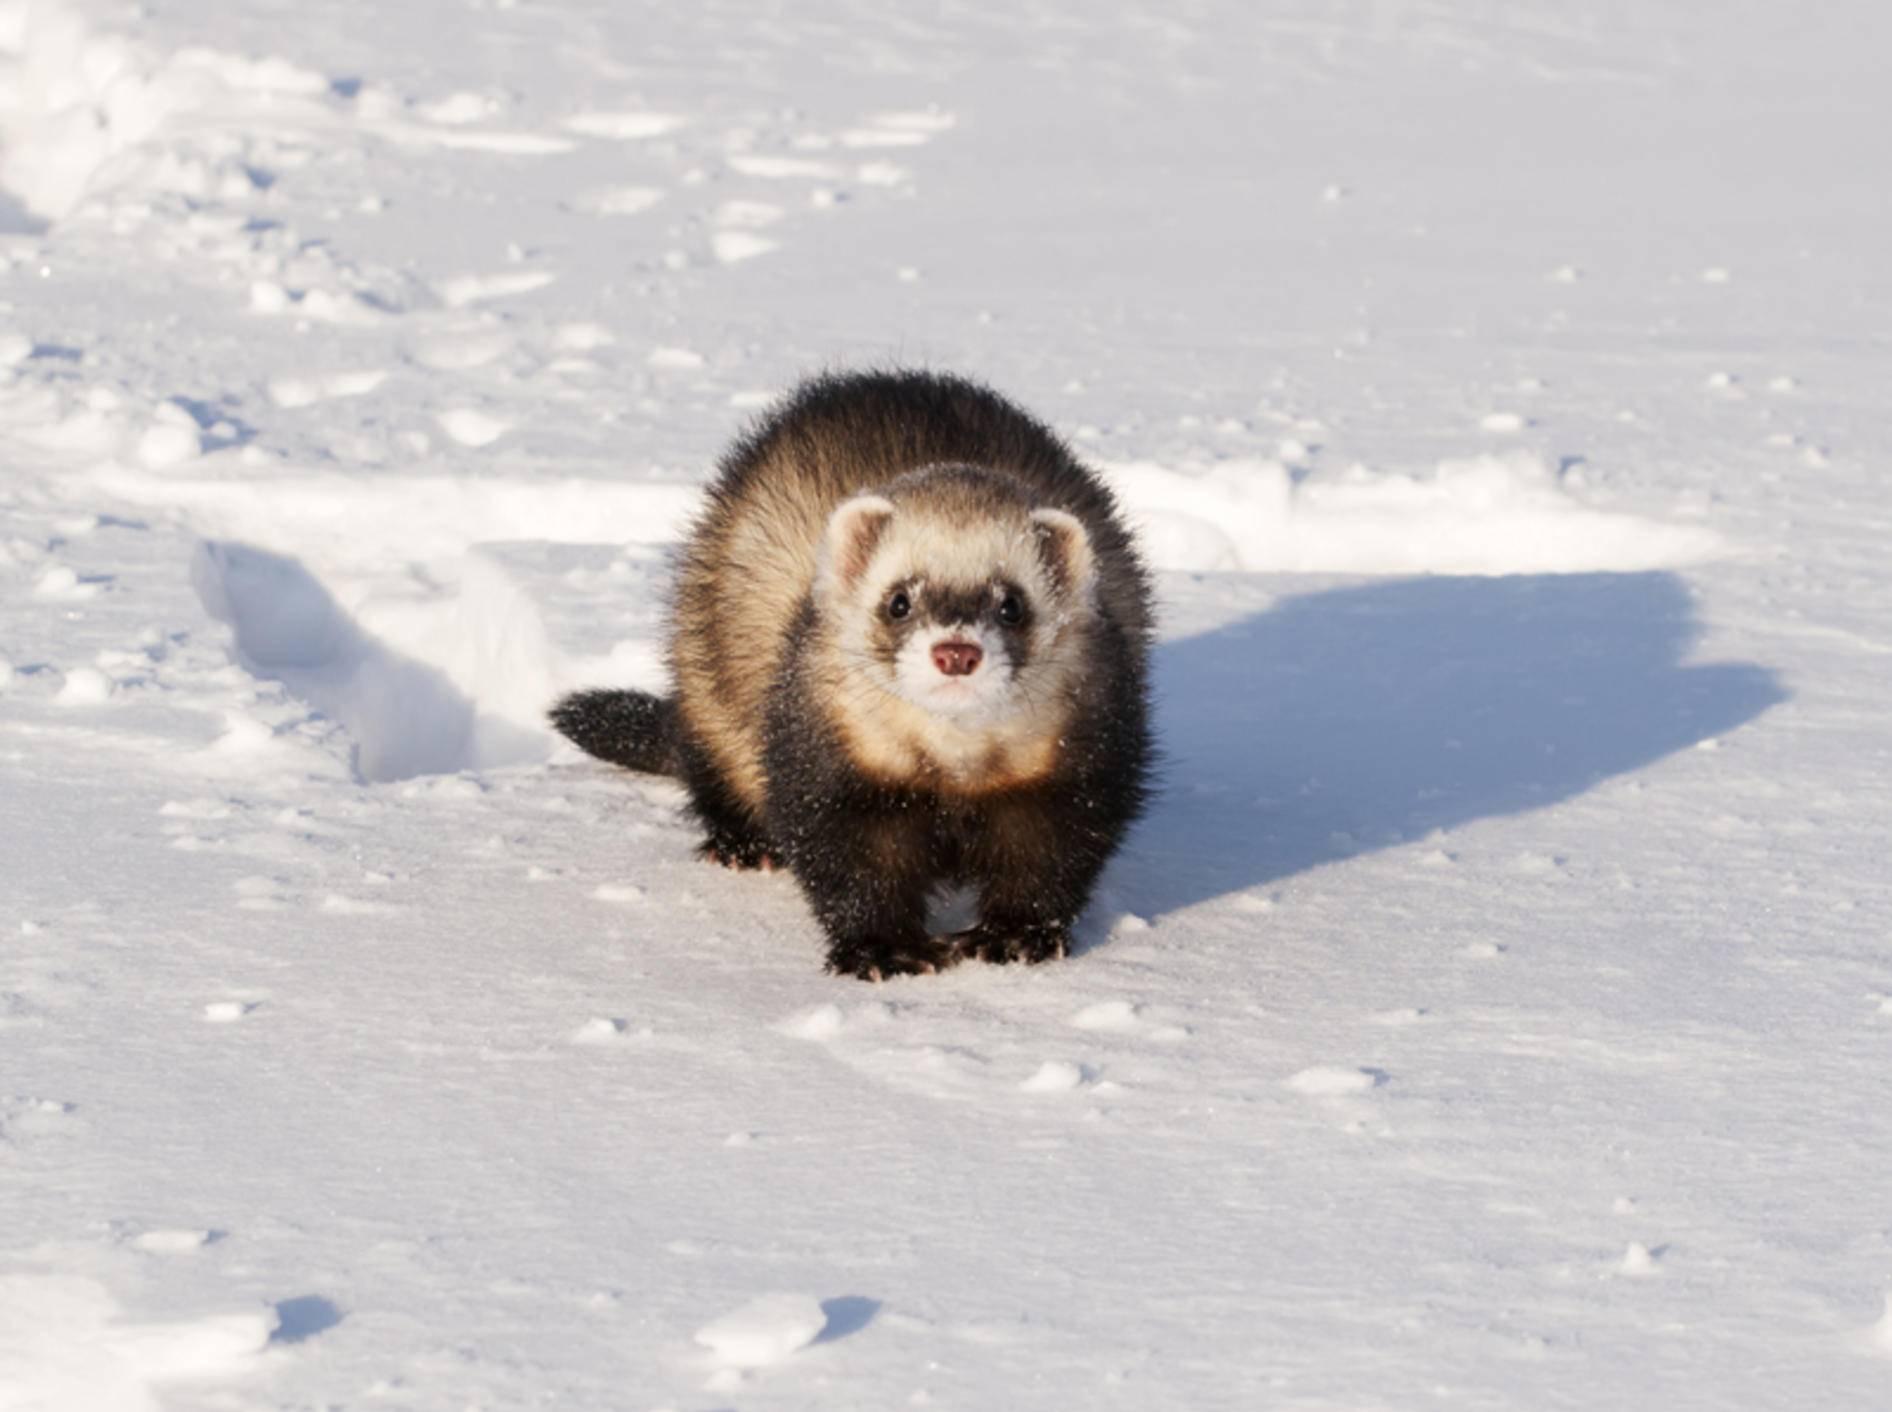 Schnee macht Frettchen im Winter dank ihres plüschigen Fells nichts aus – Shutterstock / Timof